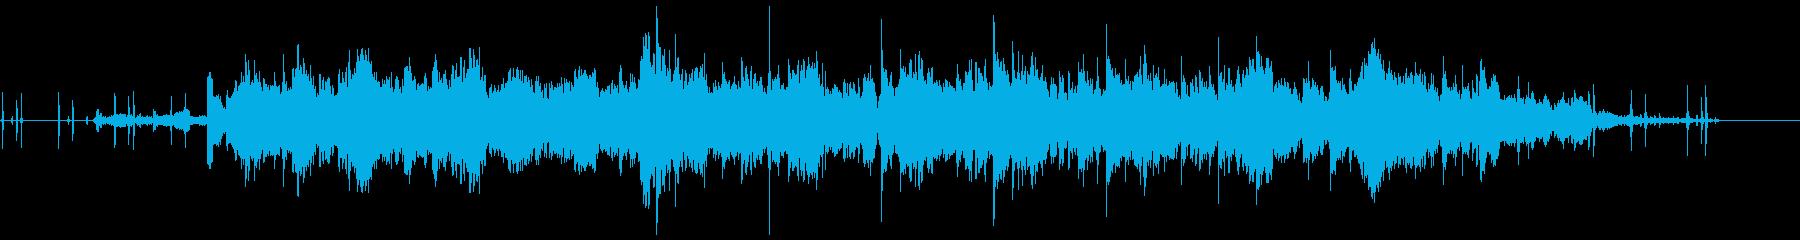 邪魔なバックグラウンドノイズと奇妙...の再生済みの波形